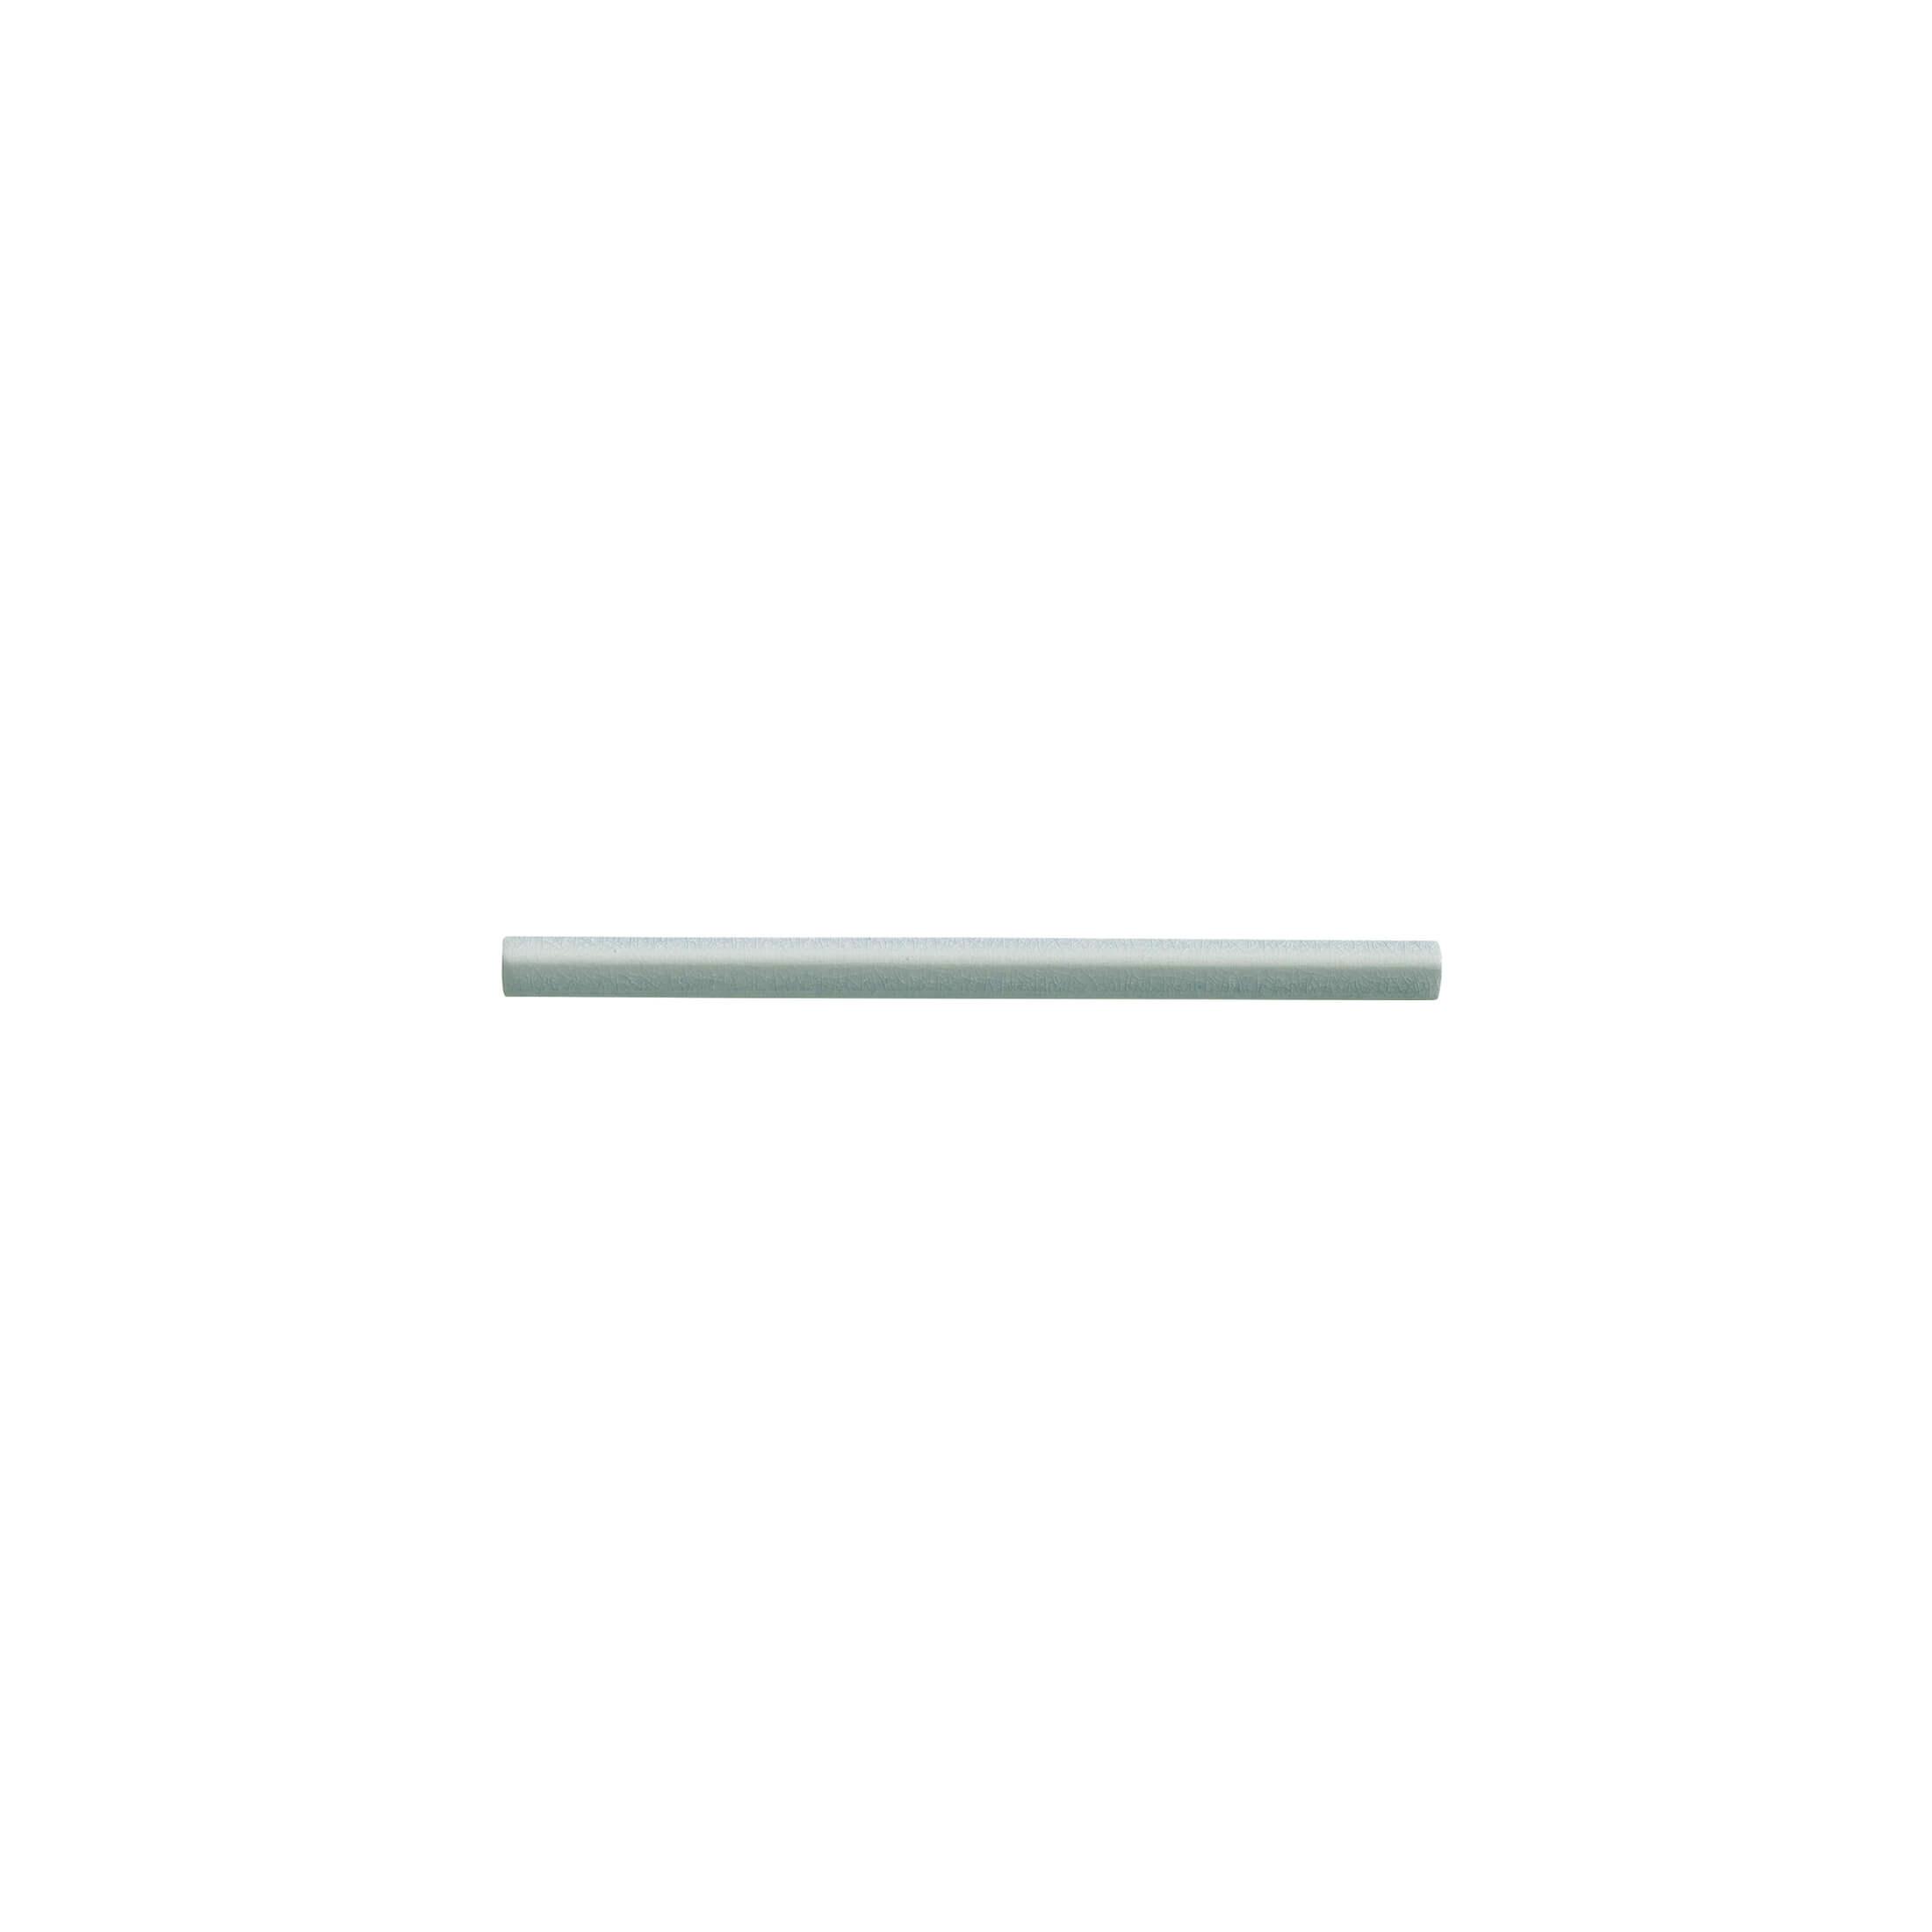 ADOC5091 - BULLNOSE TRIM - 0.85 cm X 15 cm